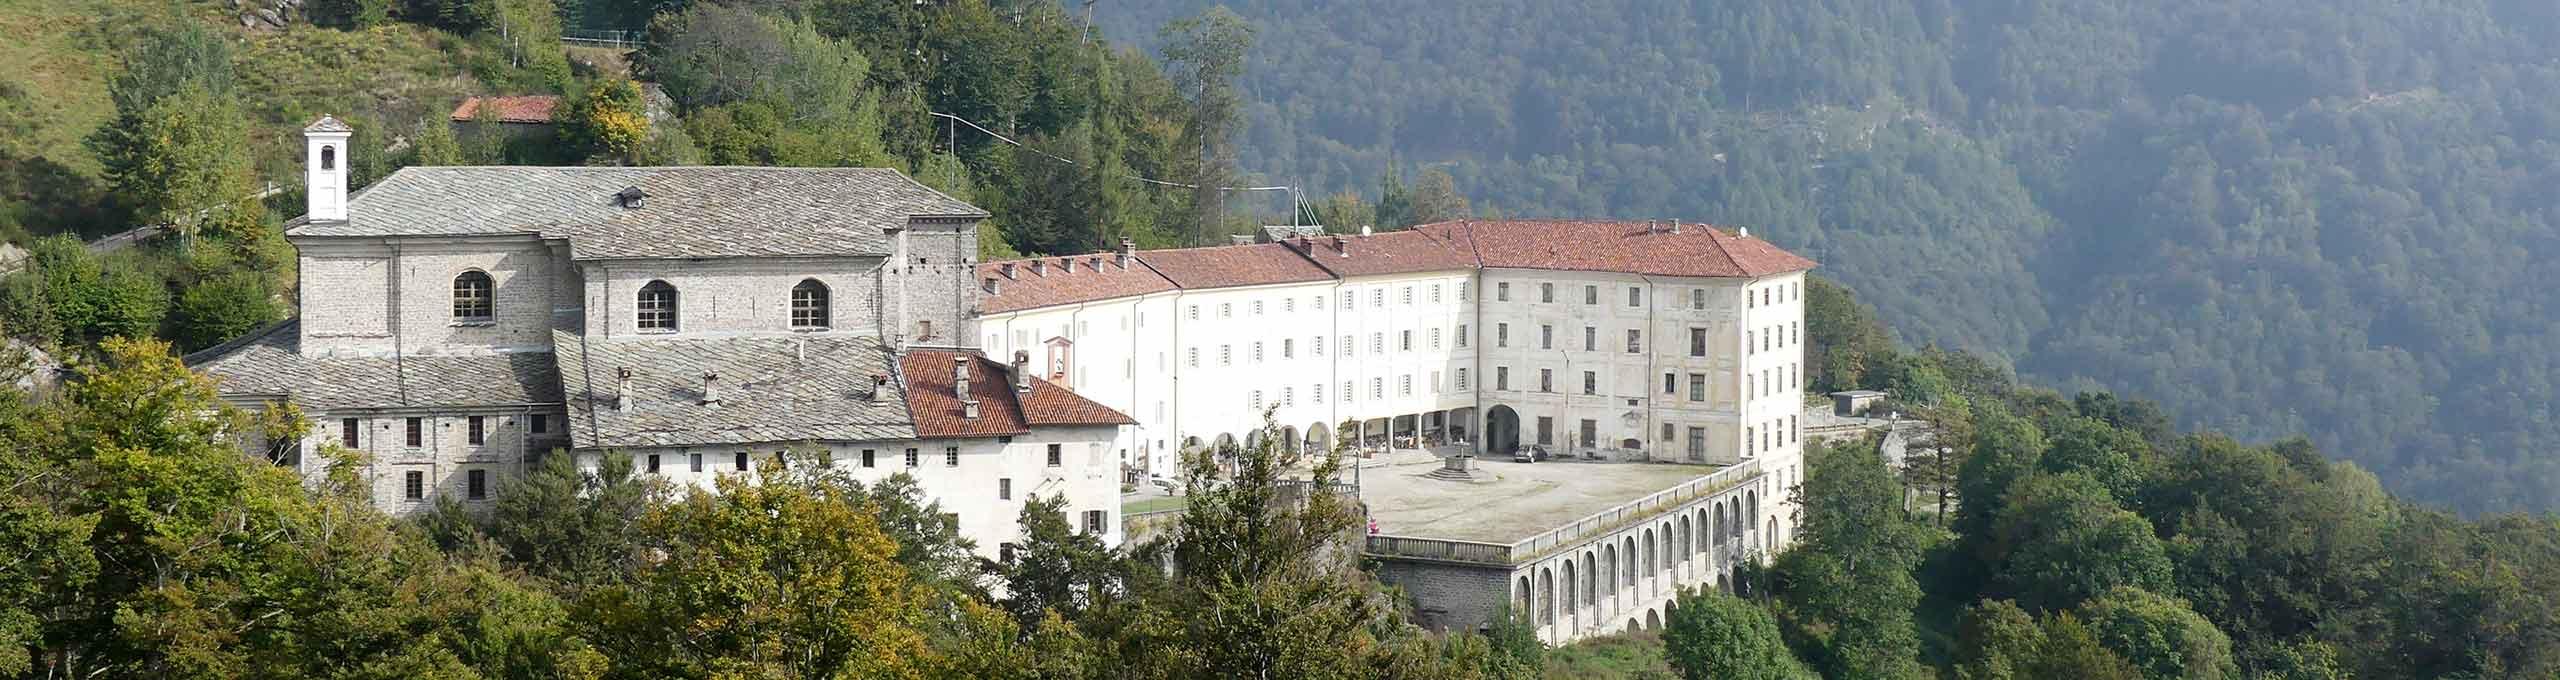 Rosazza, Valle Cervo, Santuario di San Giovanni vicino a Rosazza